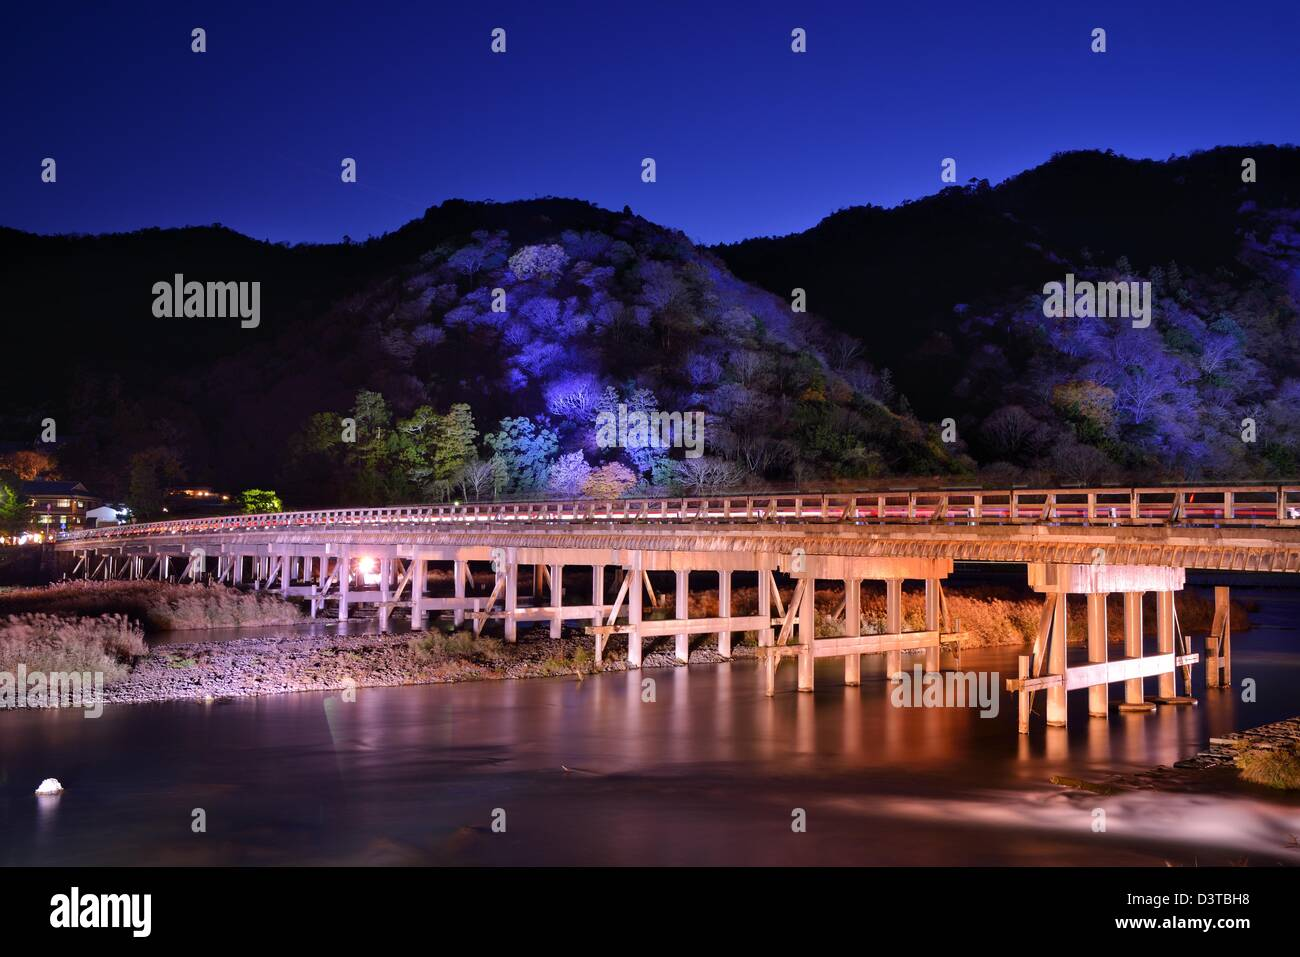 Historique Le pont Togetsukyo, illuminé la nuit dans le quartier de Arashiyama, Kyoto, Japon. Photo Stock